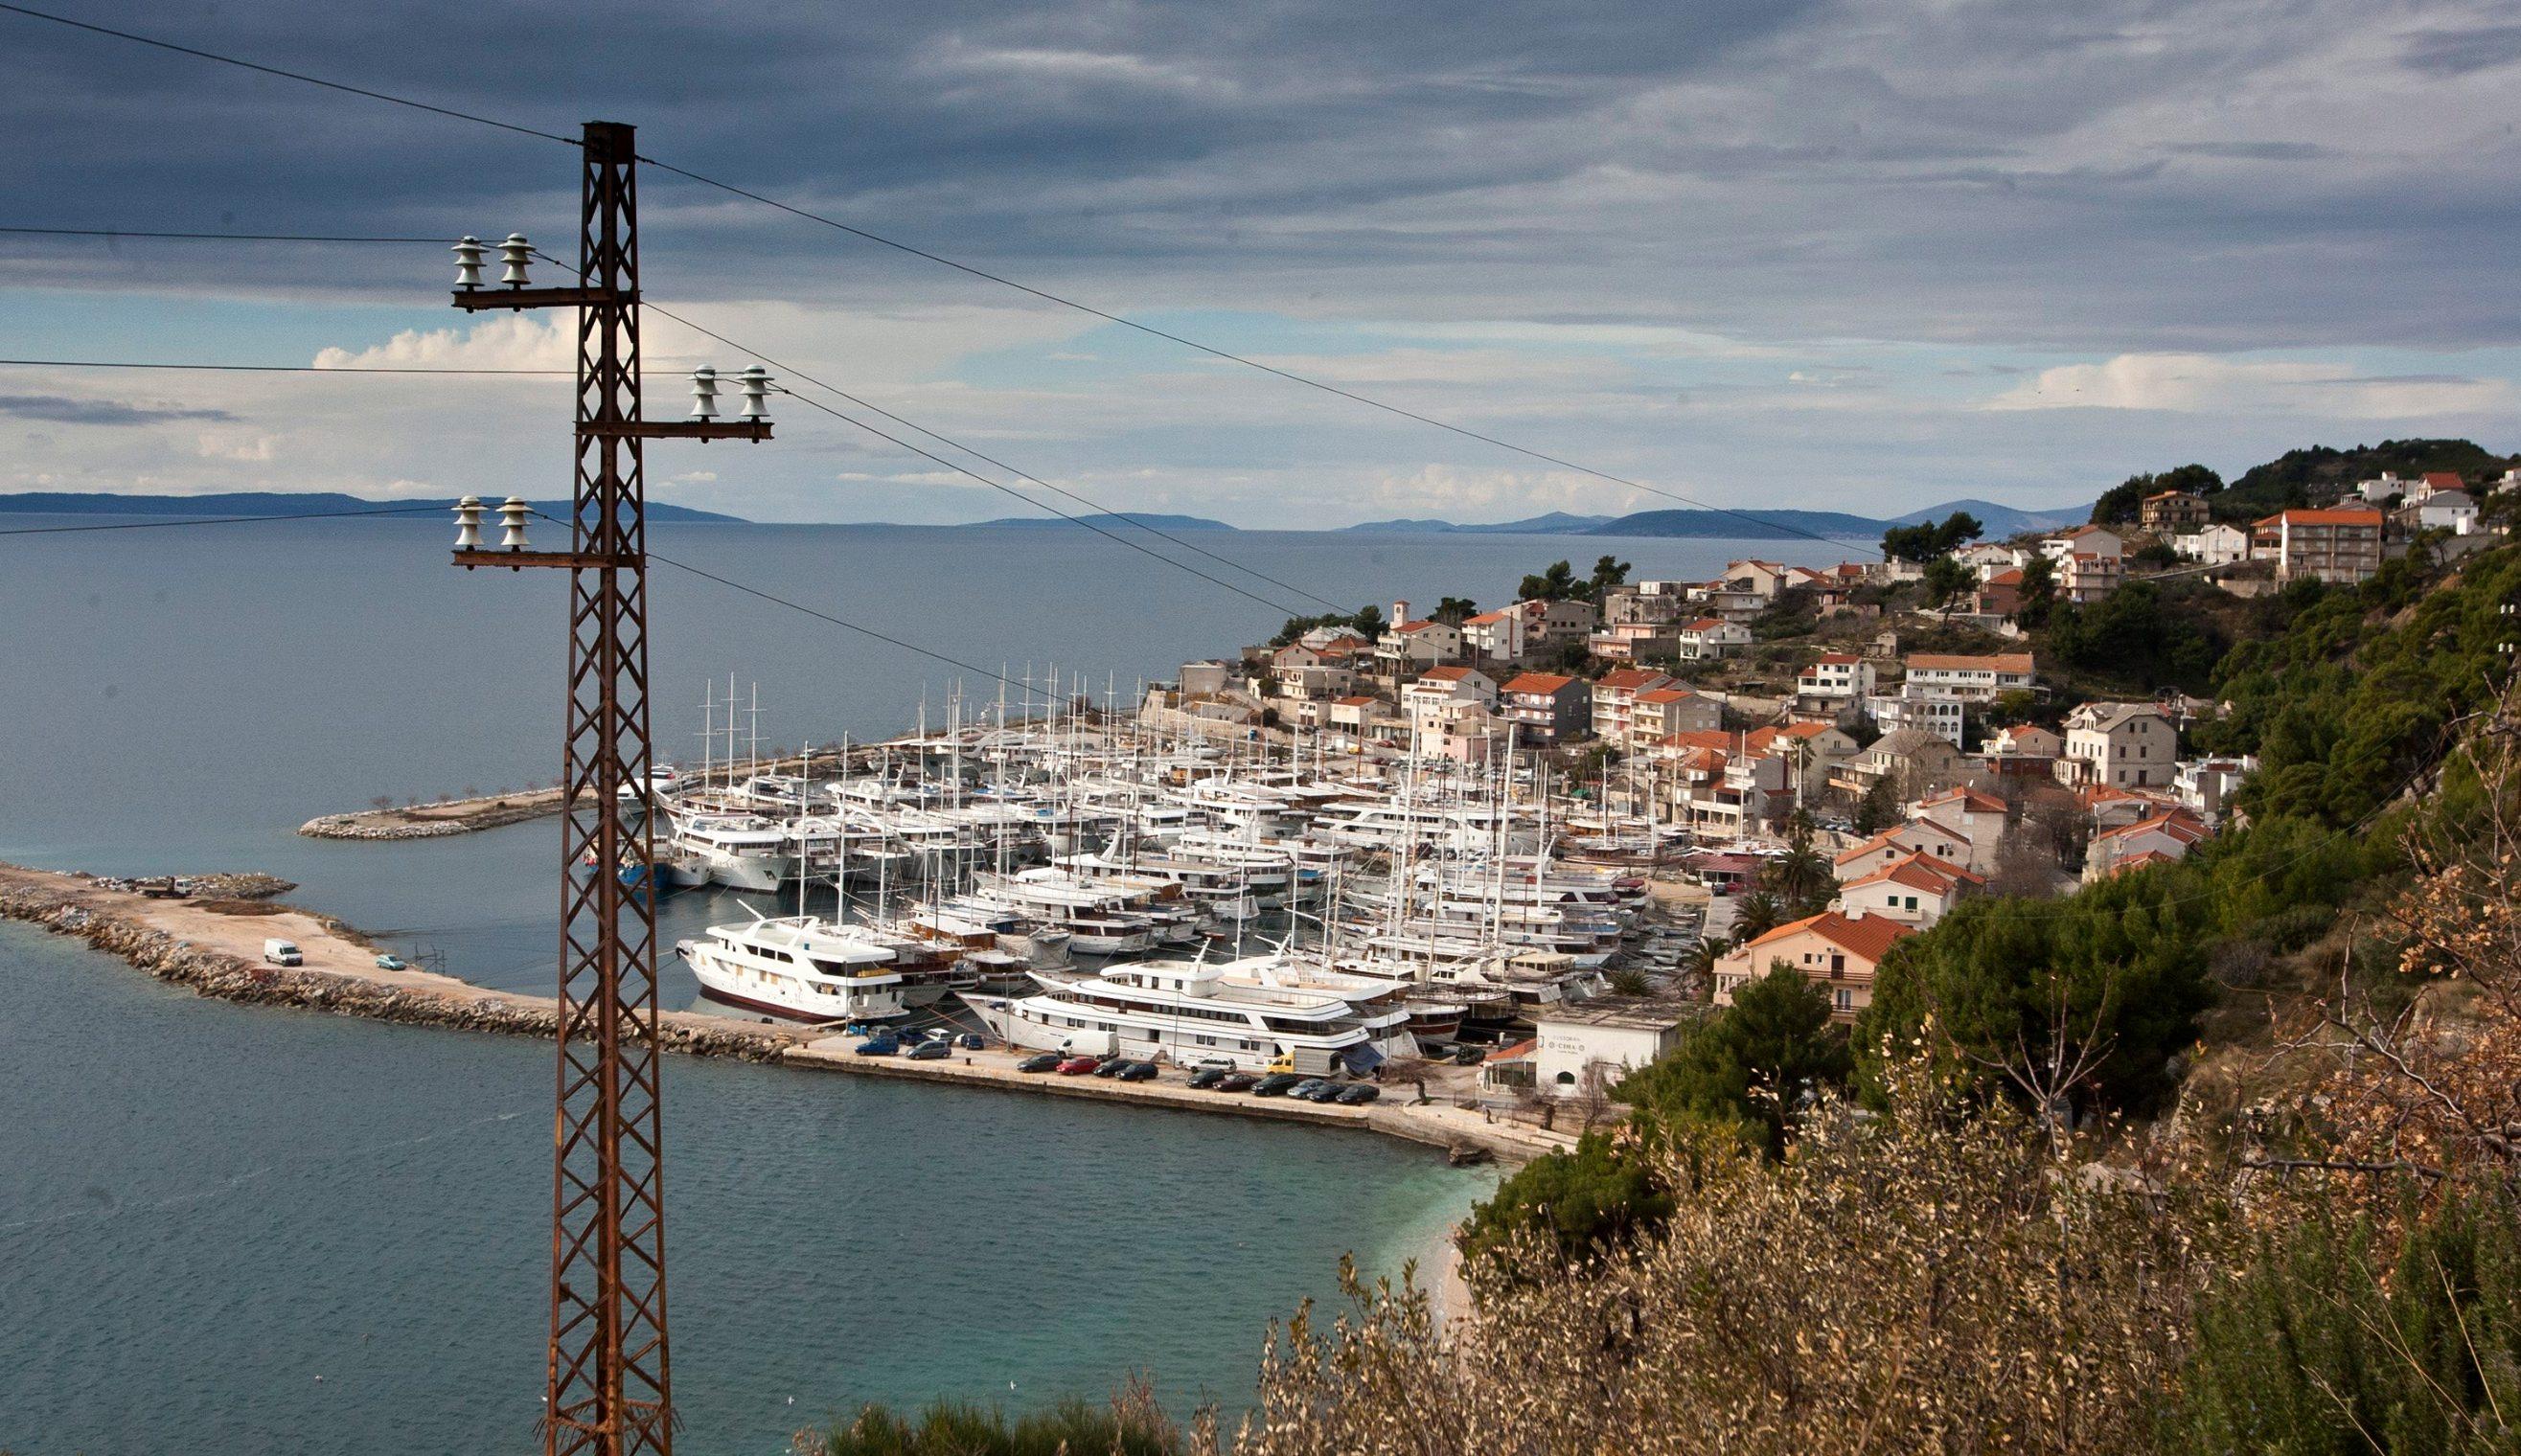 Split, 210115 Vlasnici brodova u Krilu Jesenice bune se zbog naplate vezova u luci od strane Zupanijske lucke uprave. Foto: Jakov Prkic / CROPIX